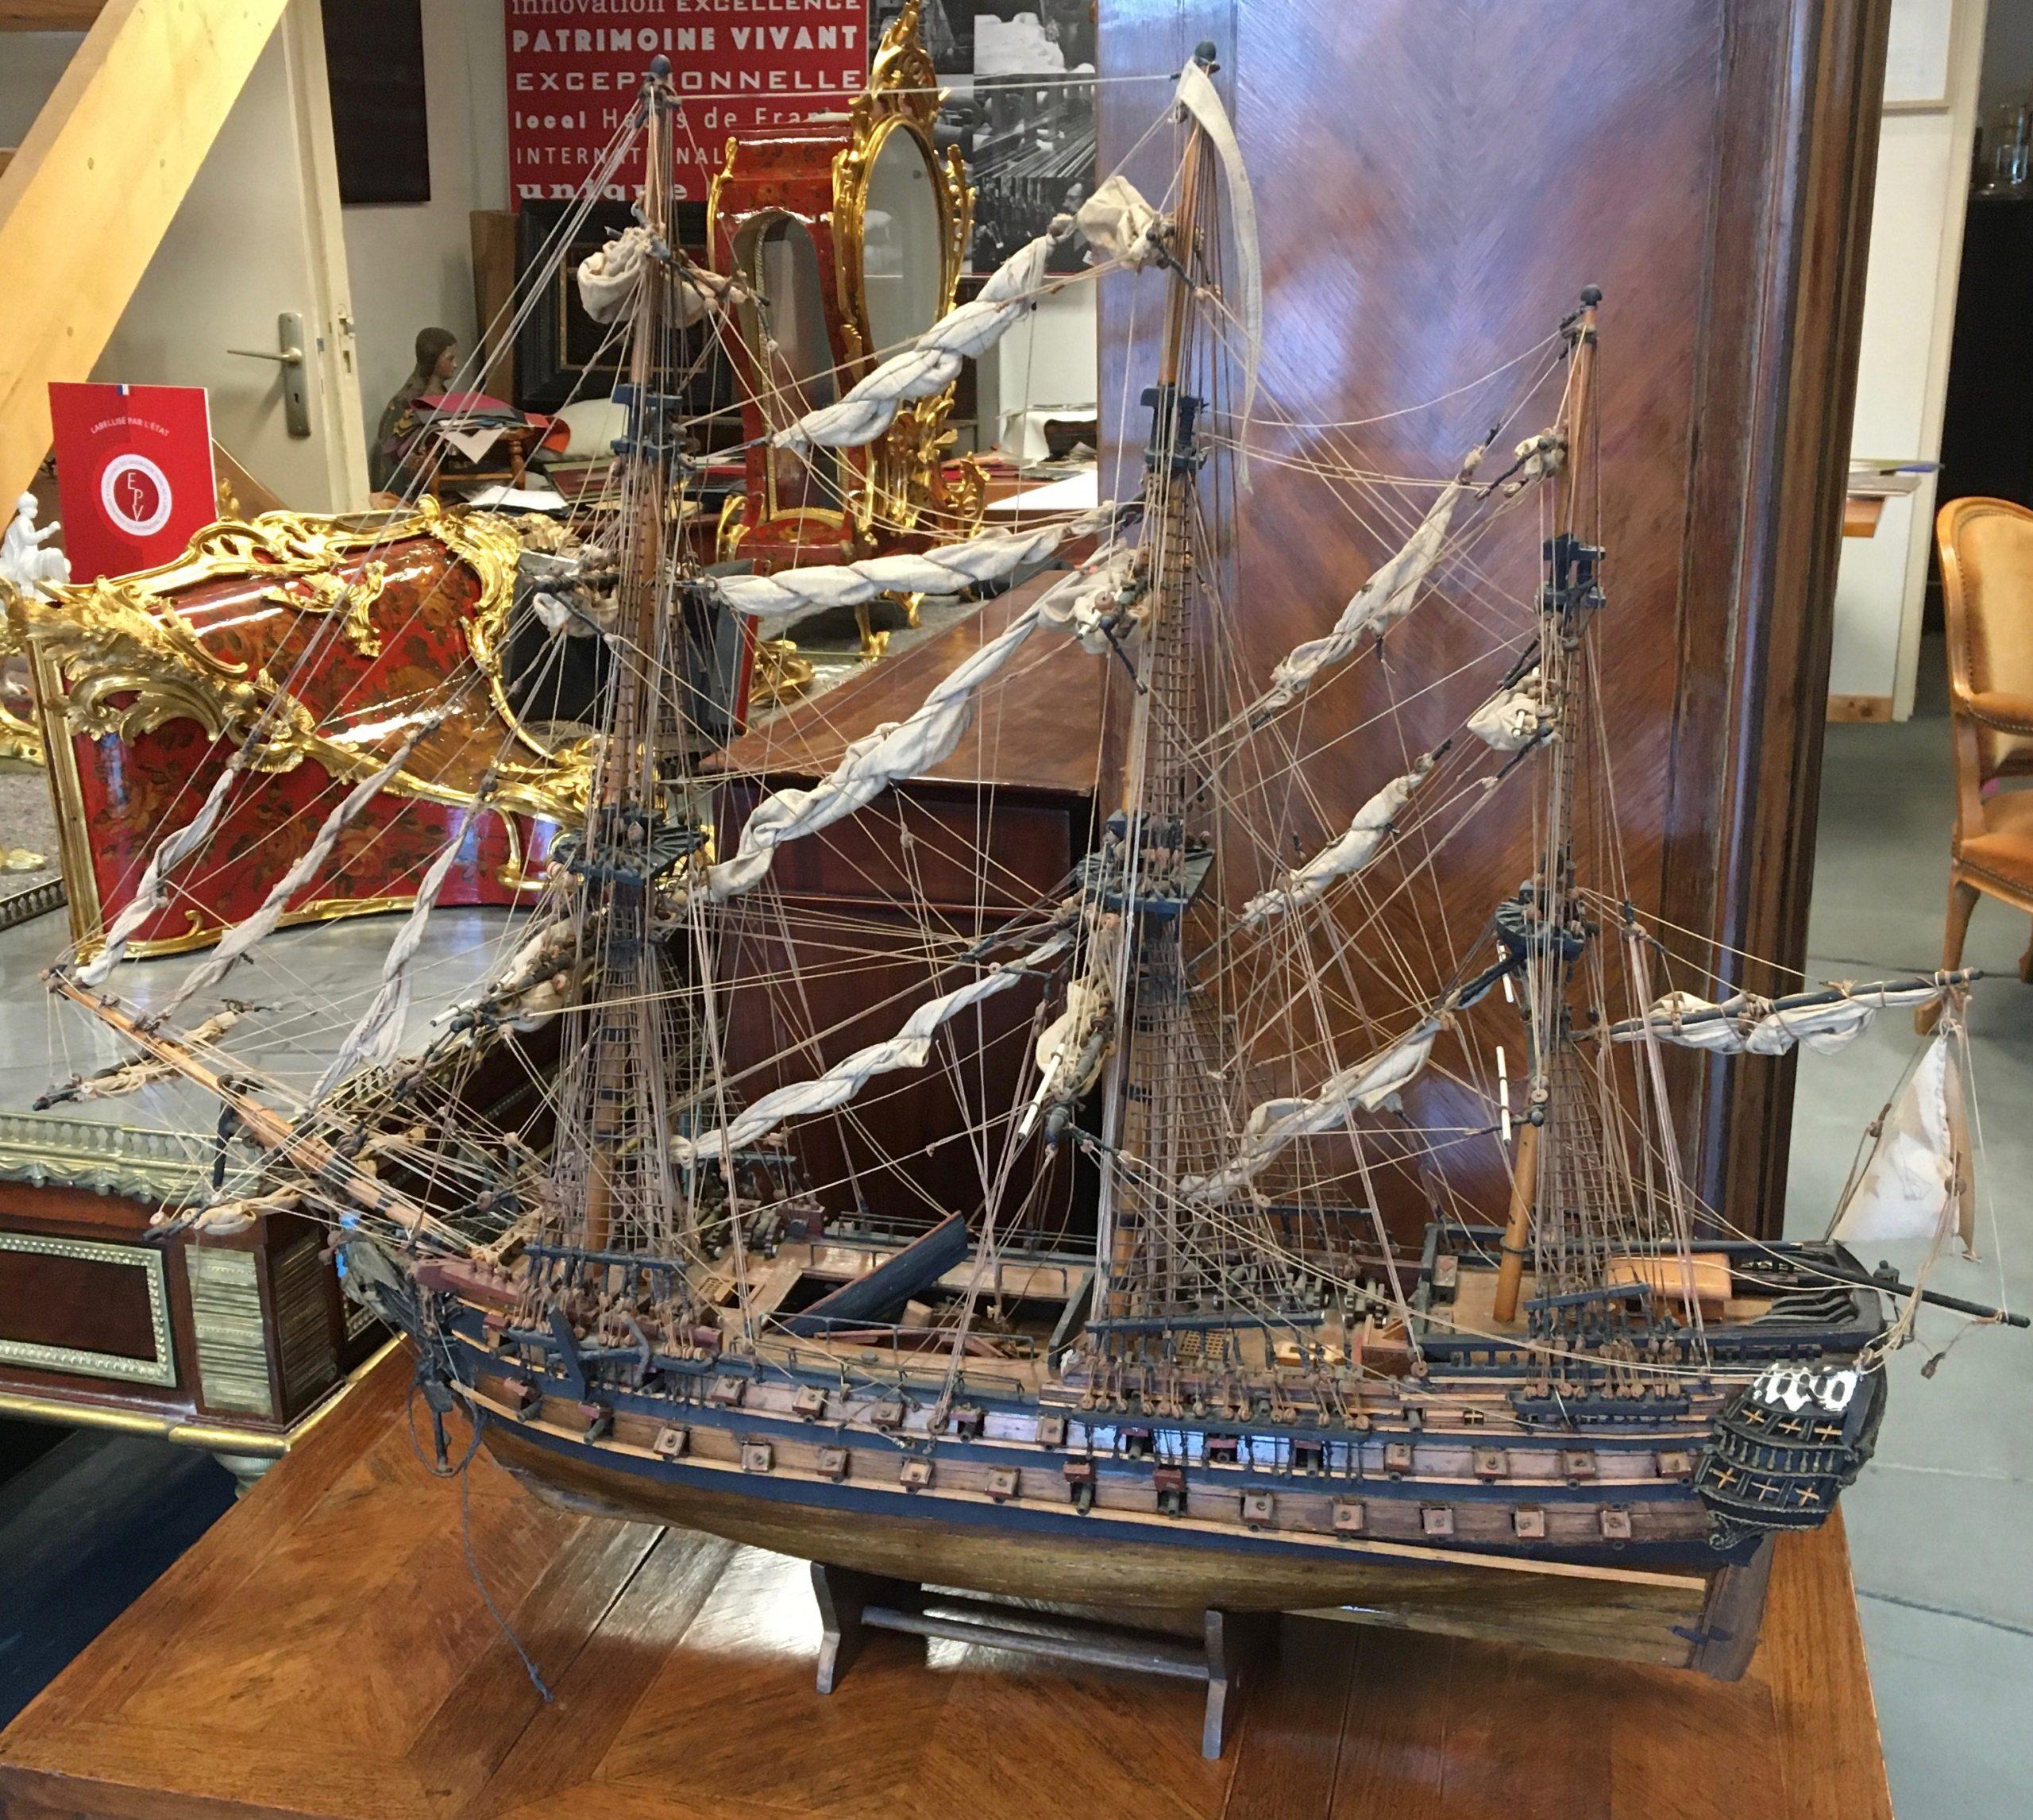 Le Superbe Maquette du voilier historique en bois tropical 19e, restauration atelier Patrice Bricout label EPV